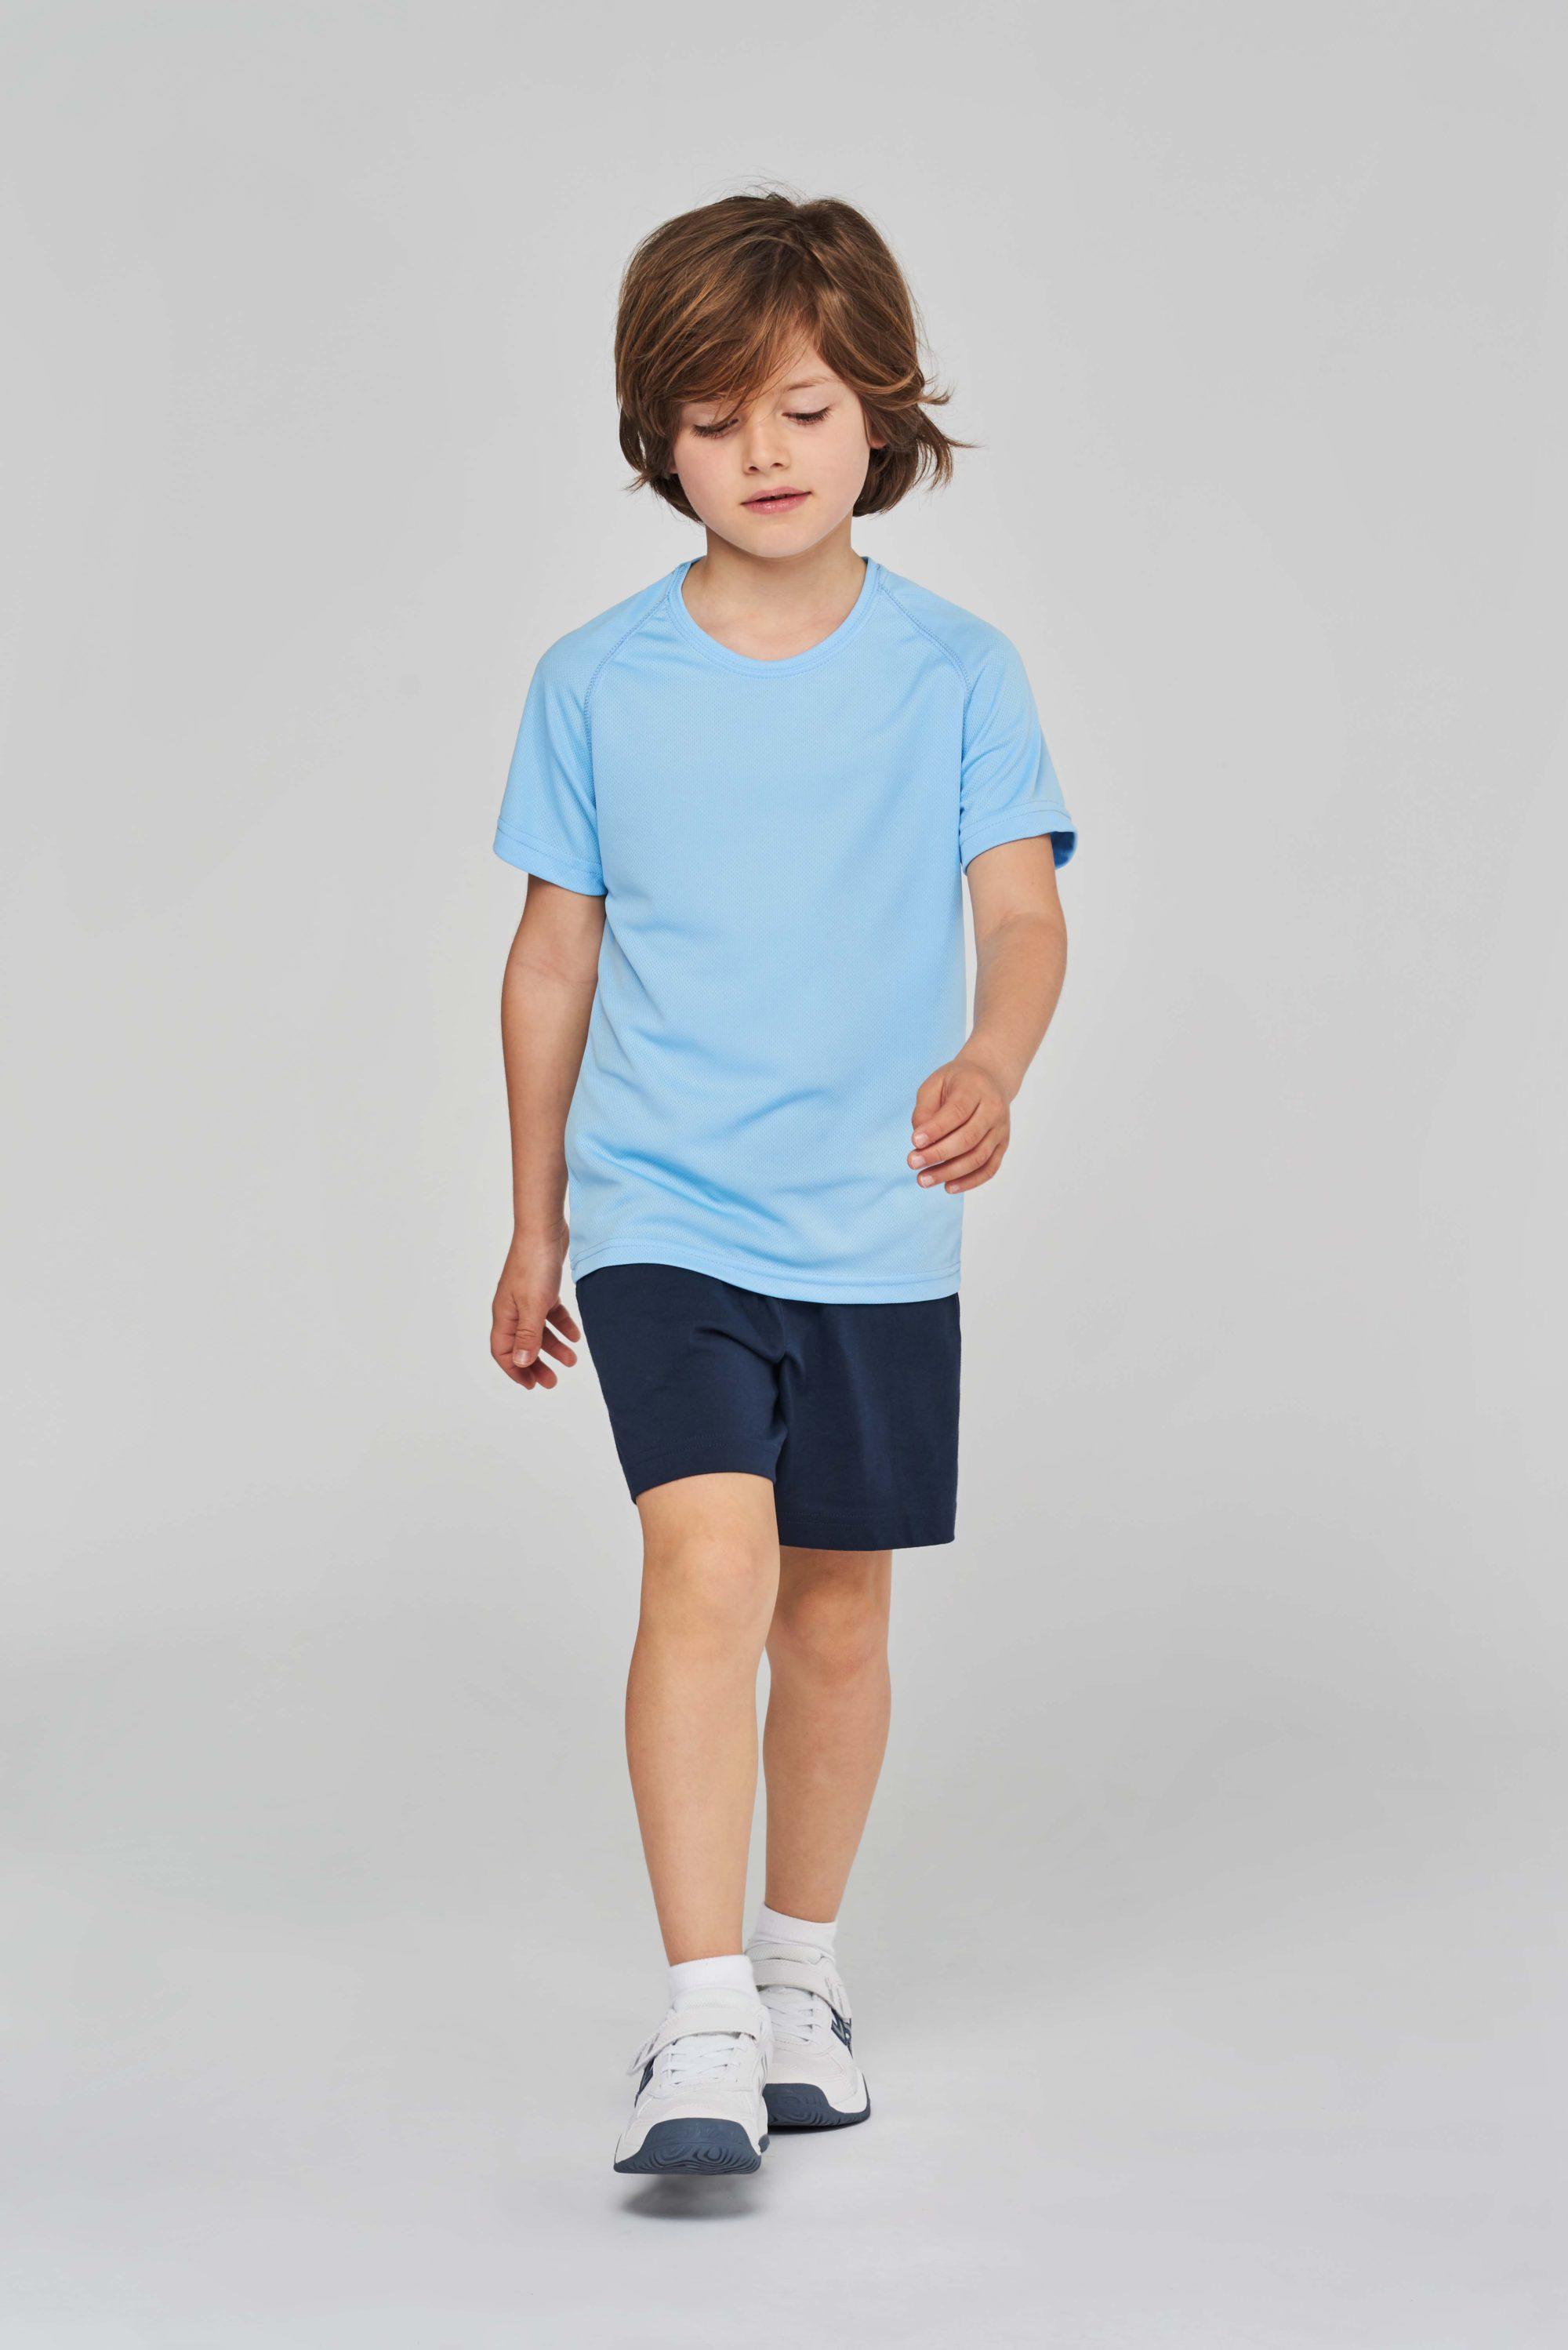 PA445 Functioneel Kindersportshirt Proact Sportkledij PAS Print